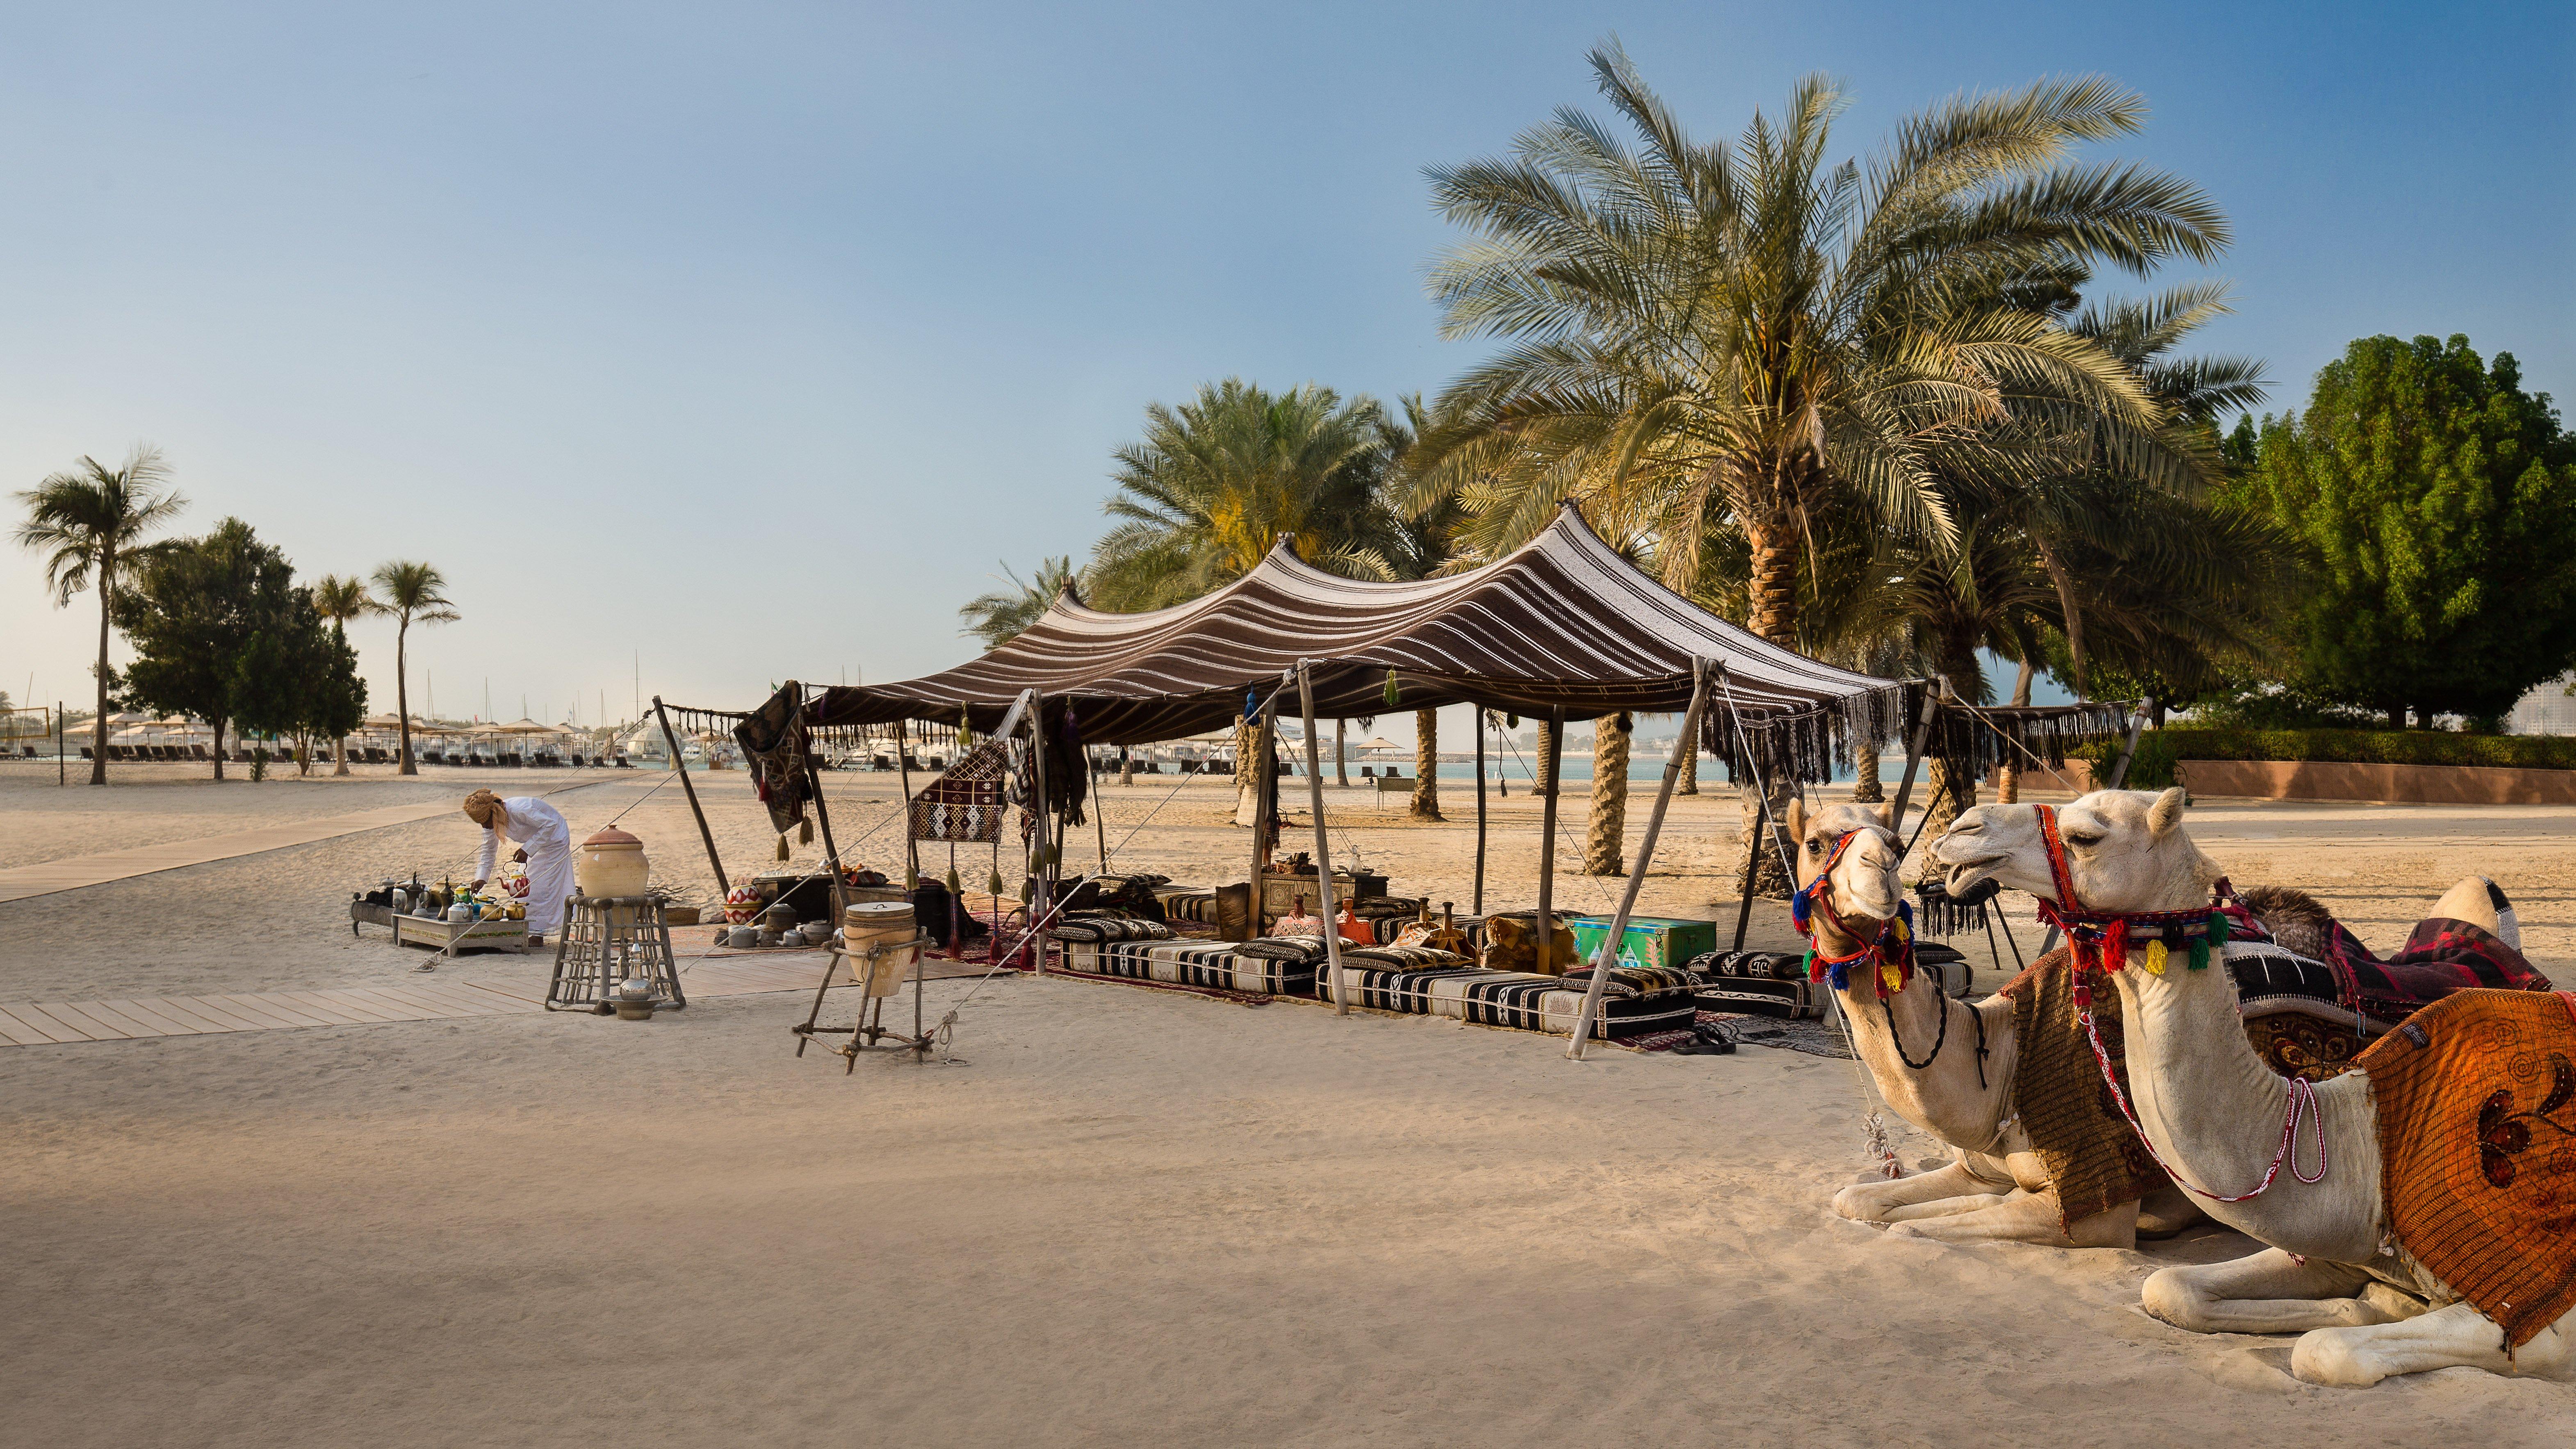 15 Bedouin Tent